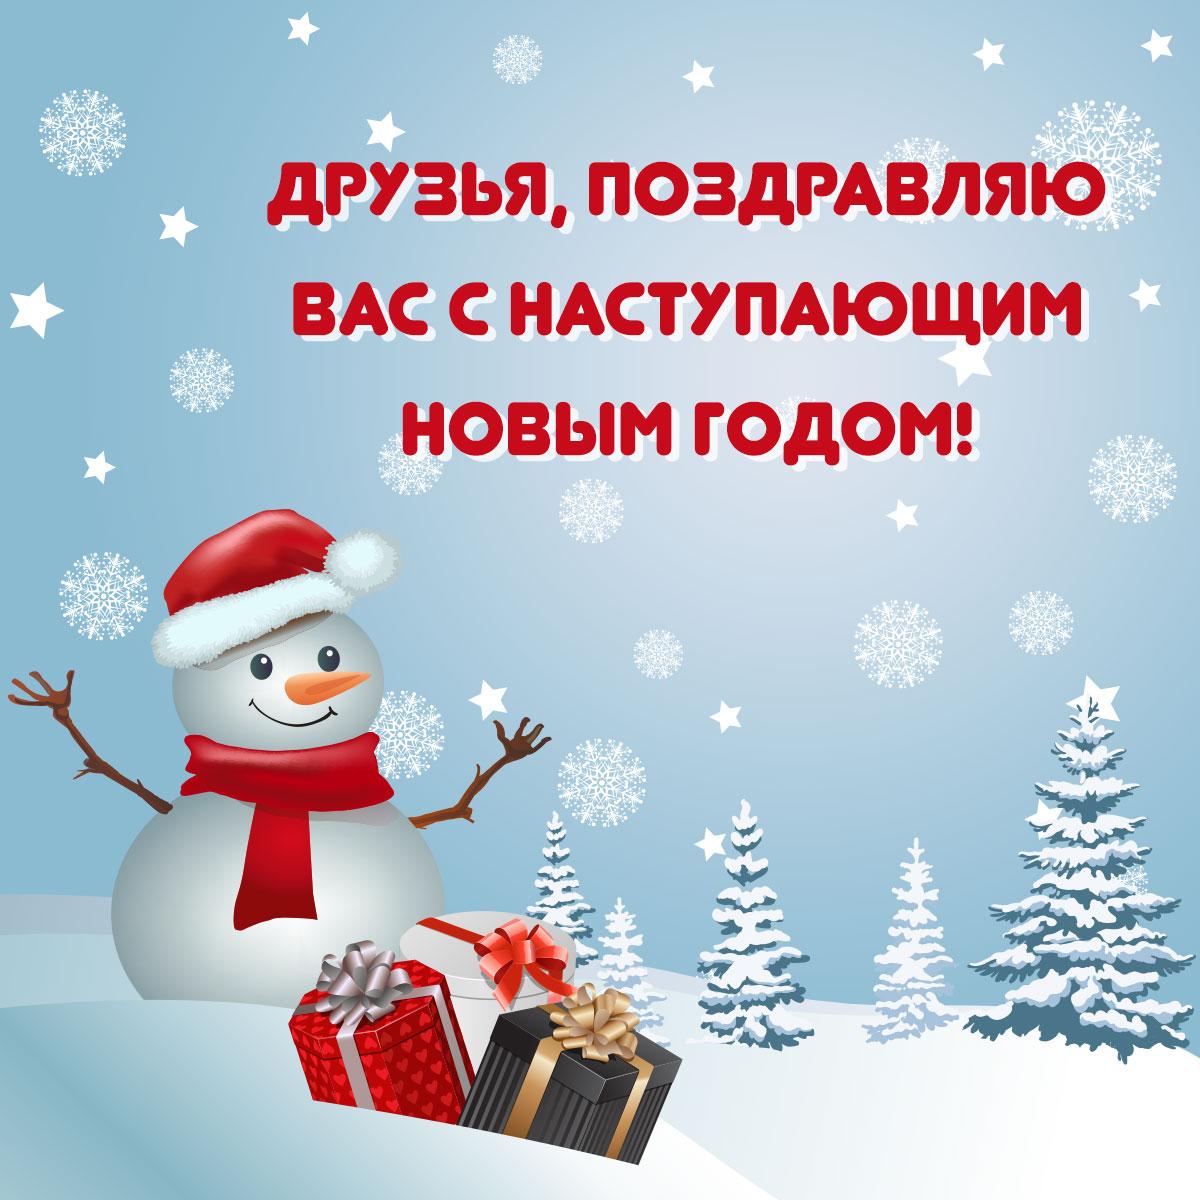 Снеговик в шапке санта клауса и подарками в праздничных коробках.